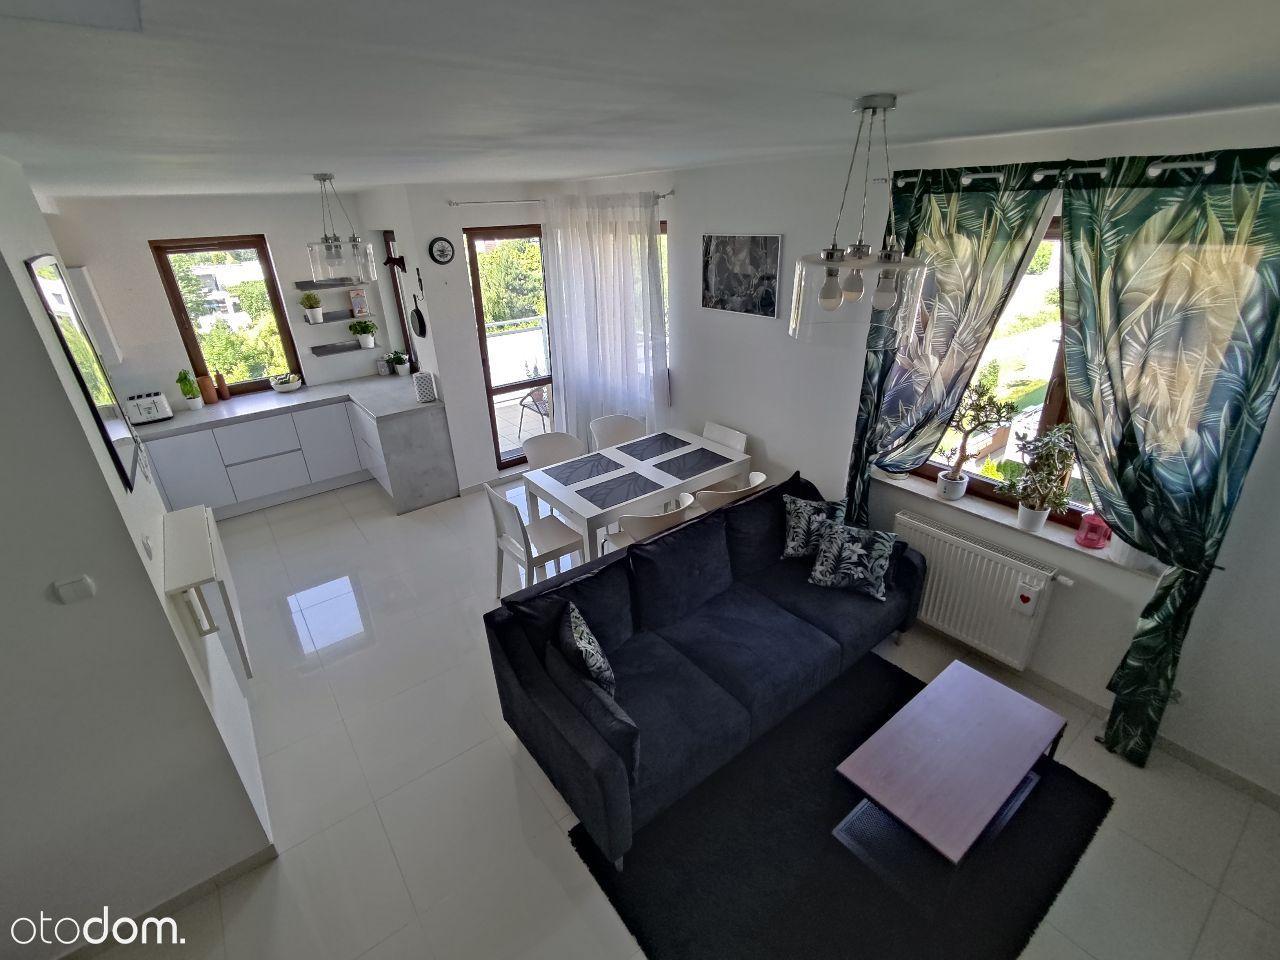 Mieszkanie dwupoziomowe Klecina 81,4m, Taras 25m